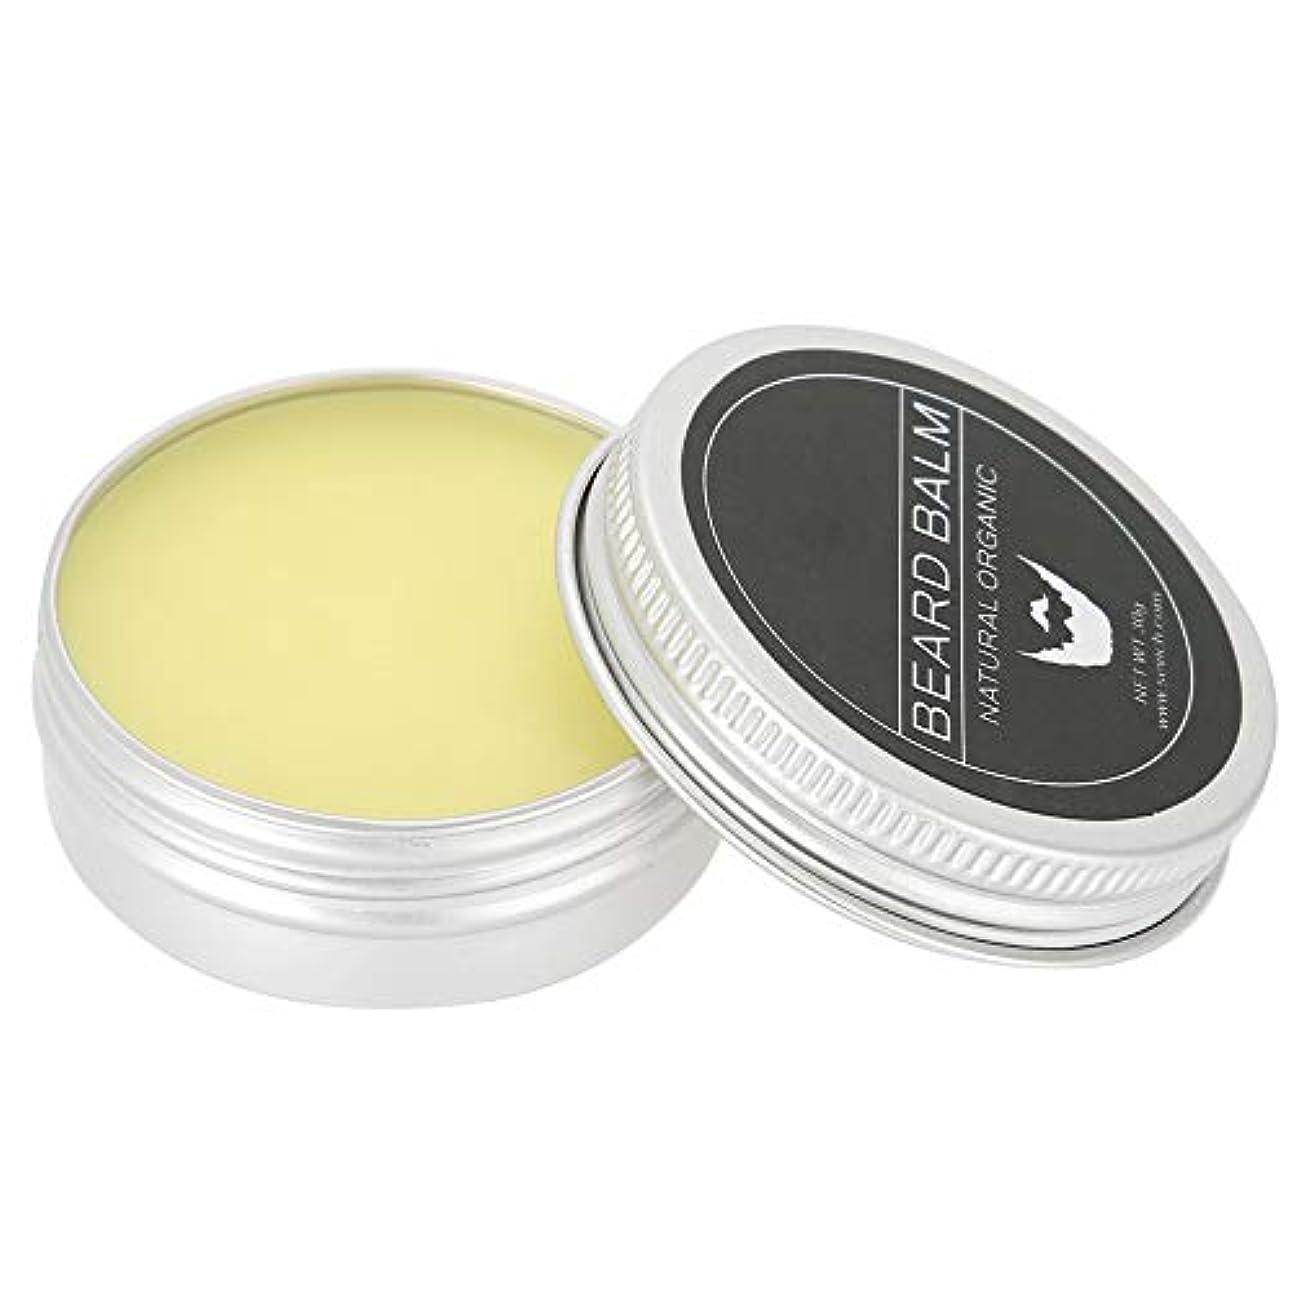 可動エントリナットひげグルーミングバーム、口ひげ保湿ワックス抽出植物抽出物ひげを理想的な贈り物に強化し、柔らかくします